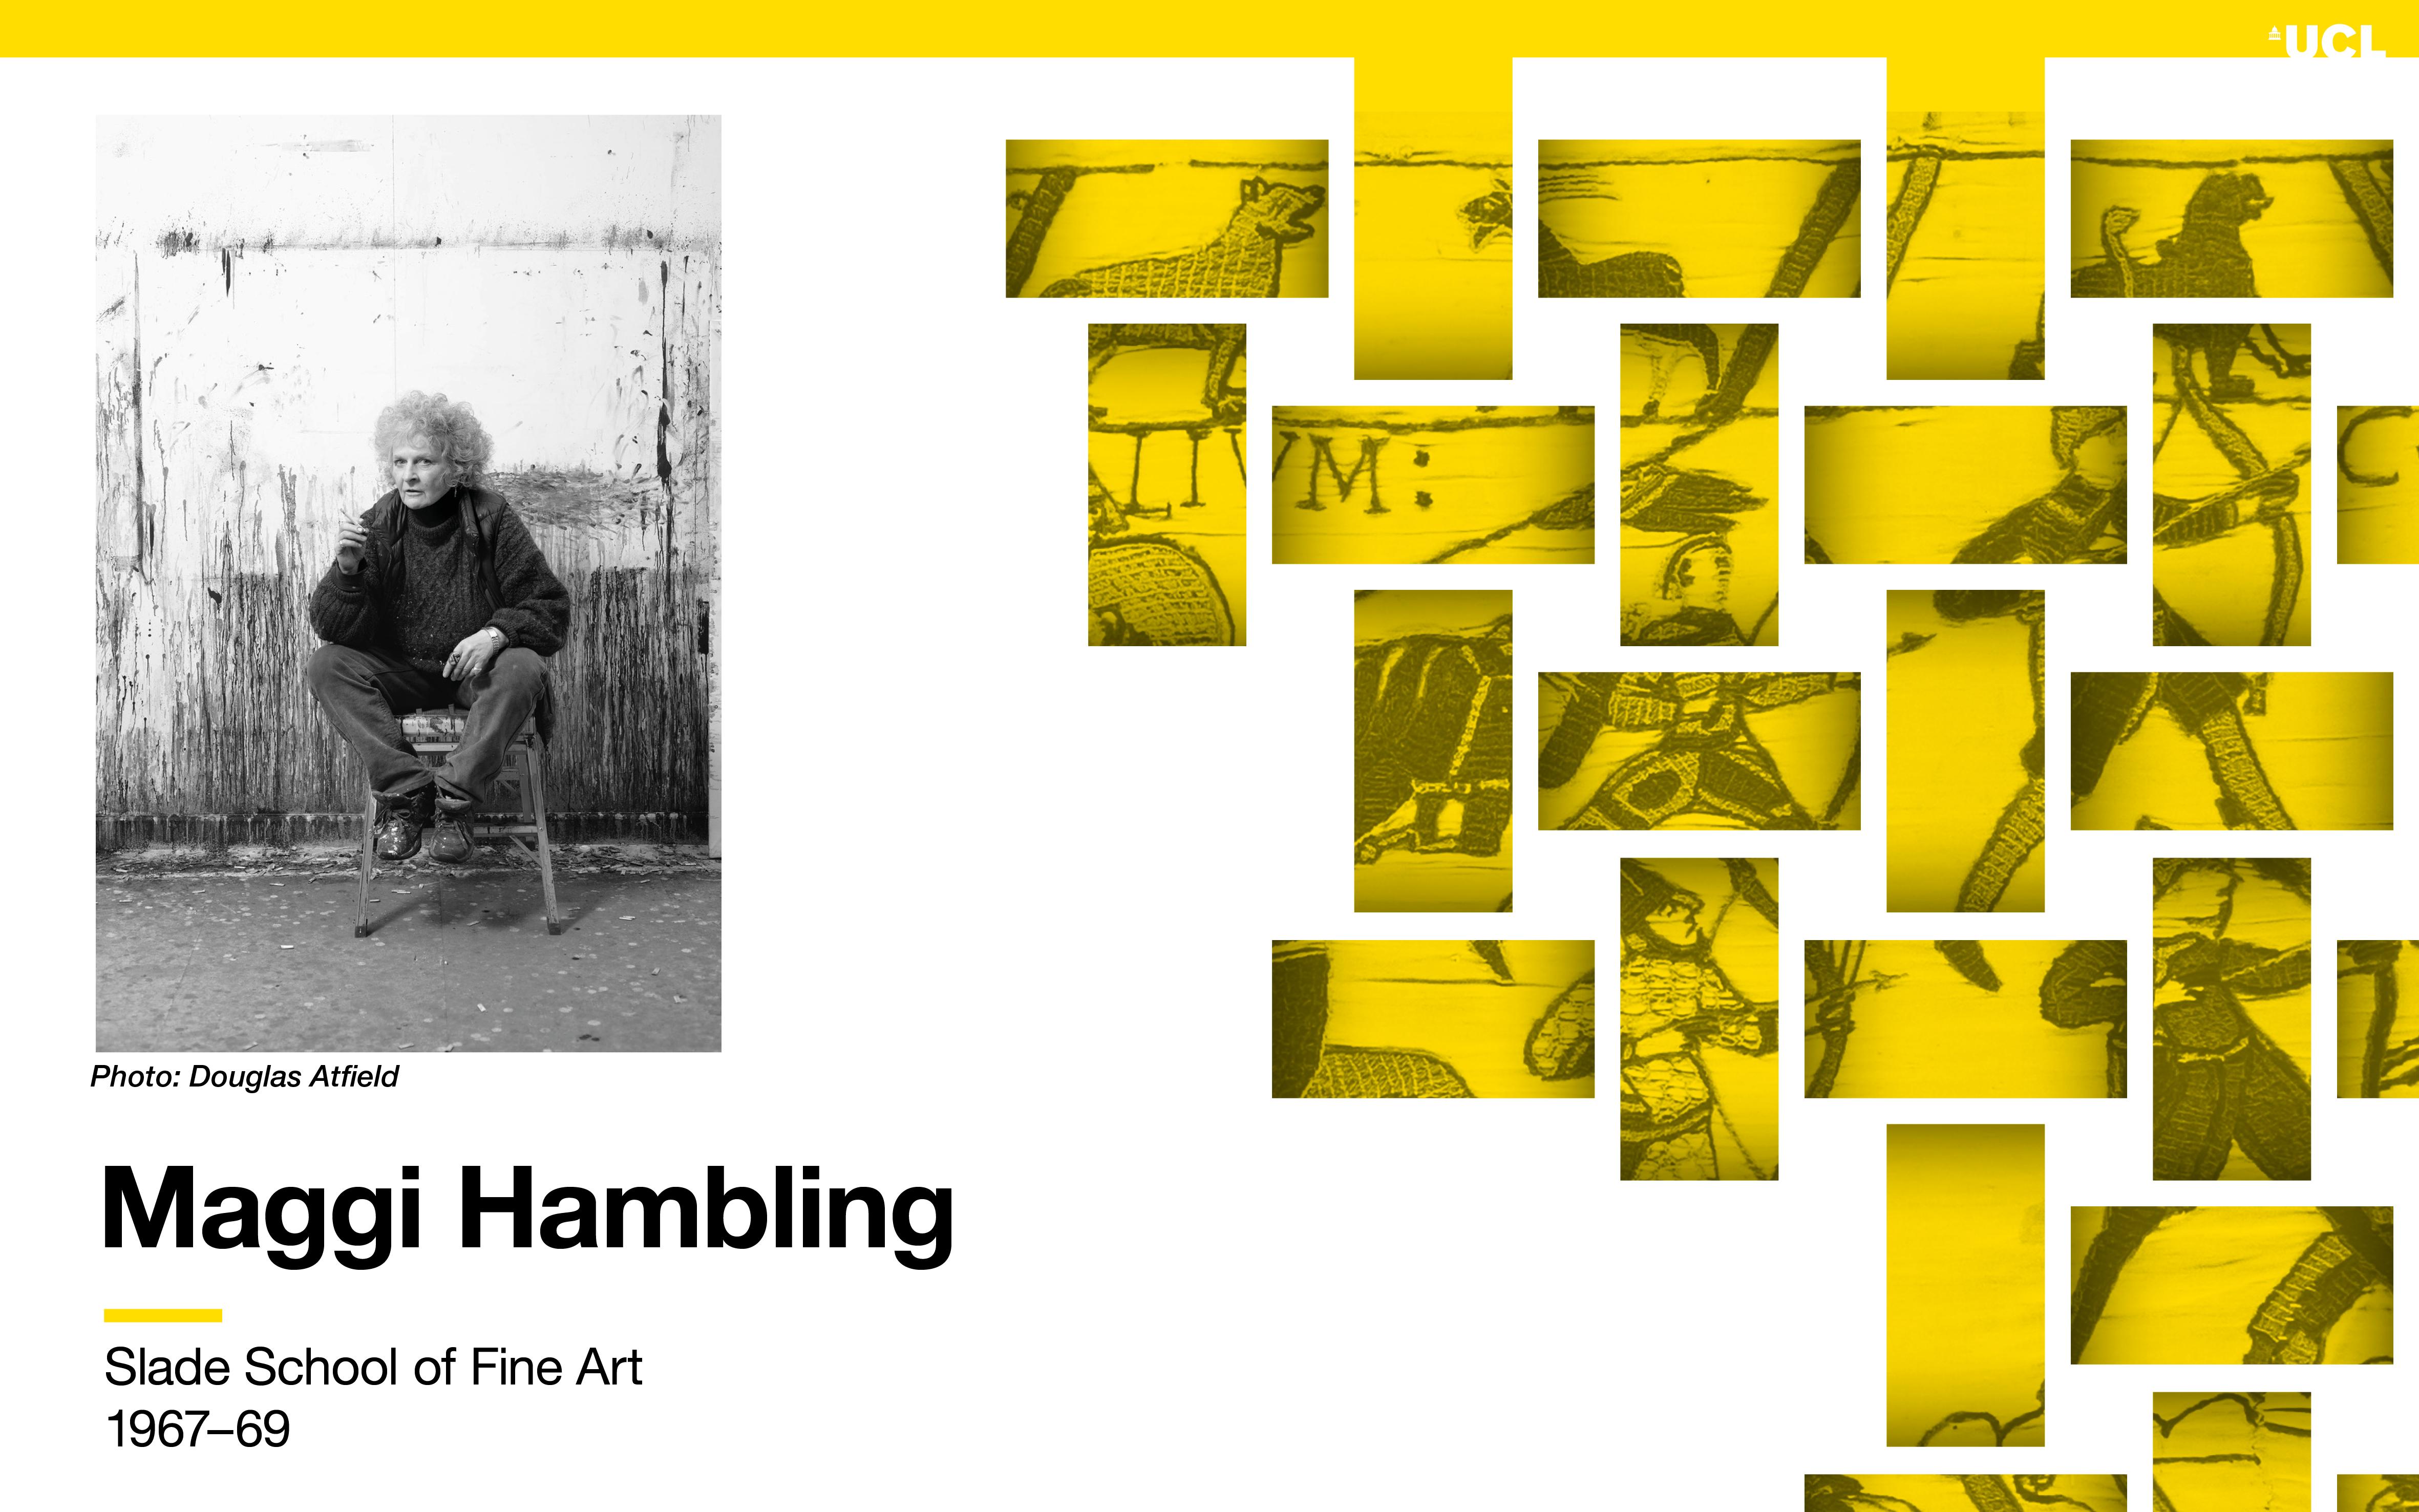 Maggi Hambling